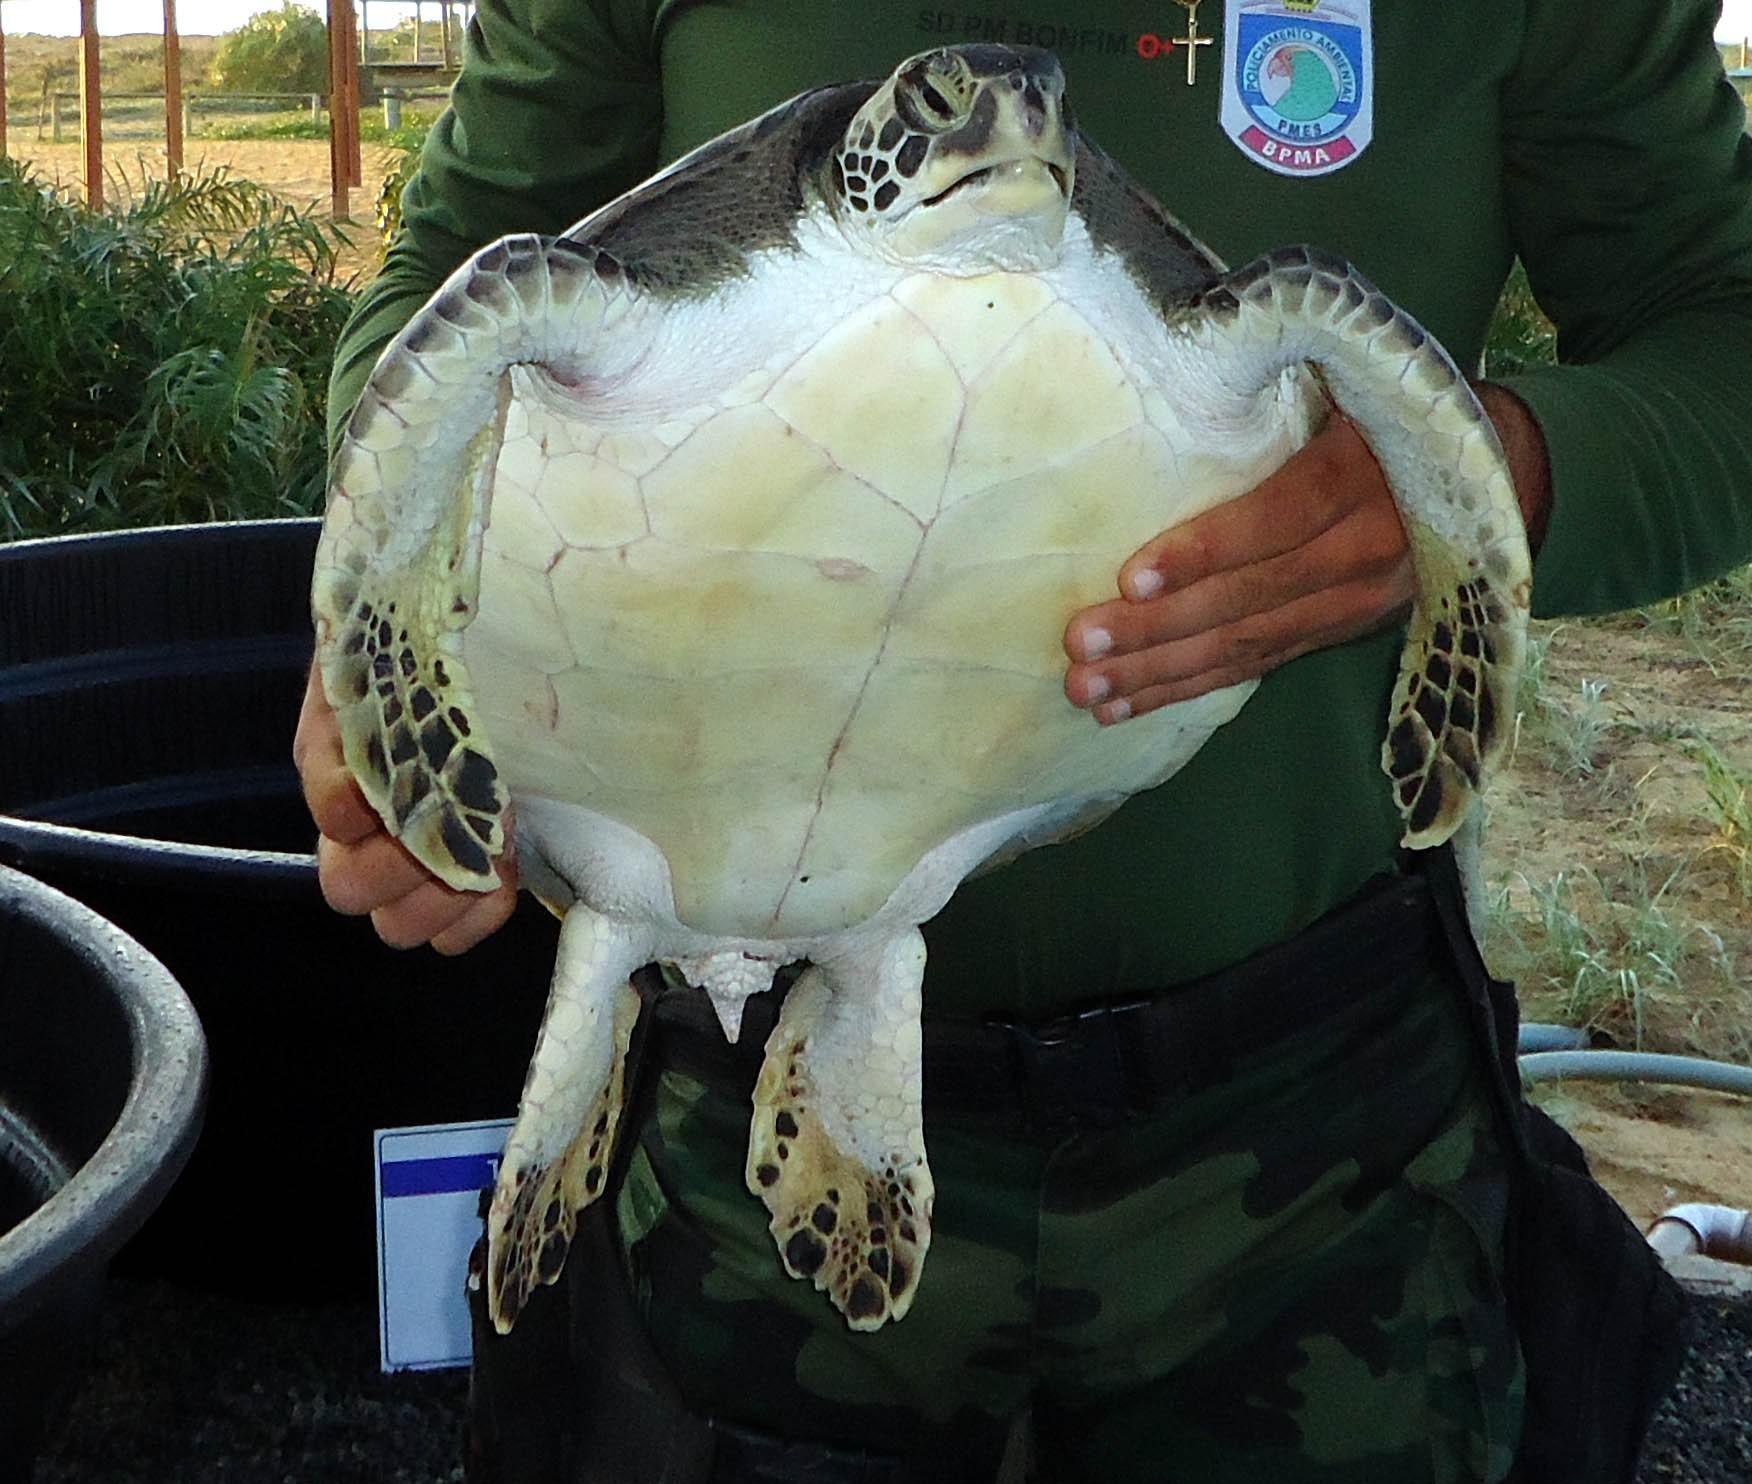 Tartaruga em extinção é apreendida com pescador. (Foto: Divulgação/ Polícia Ambiental)